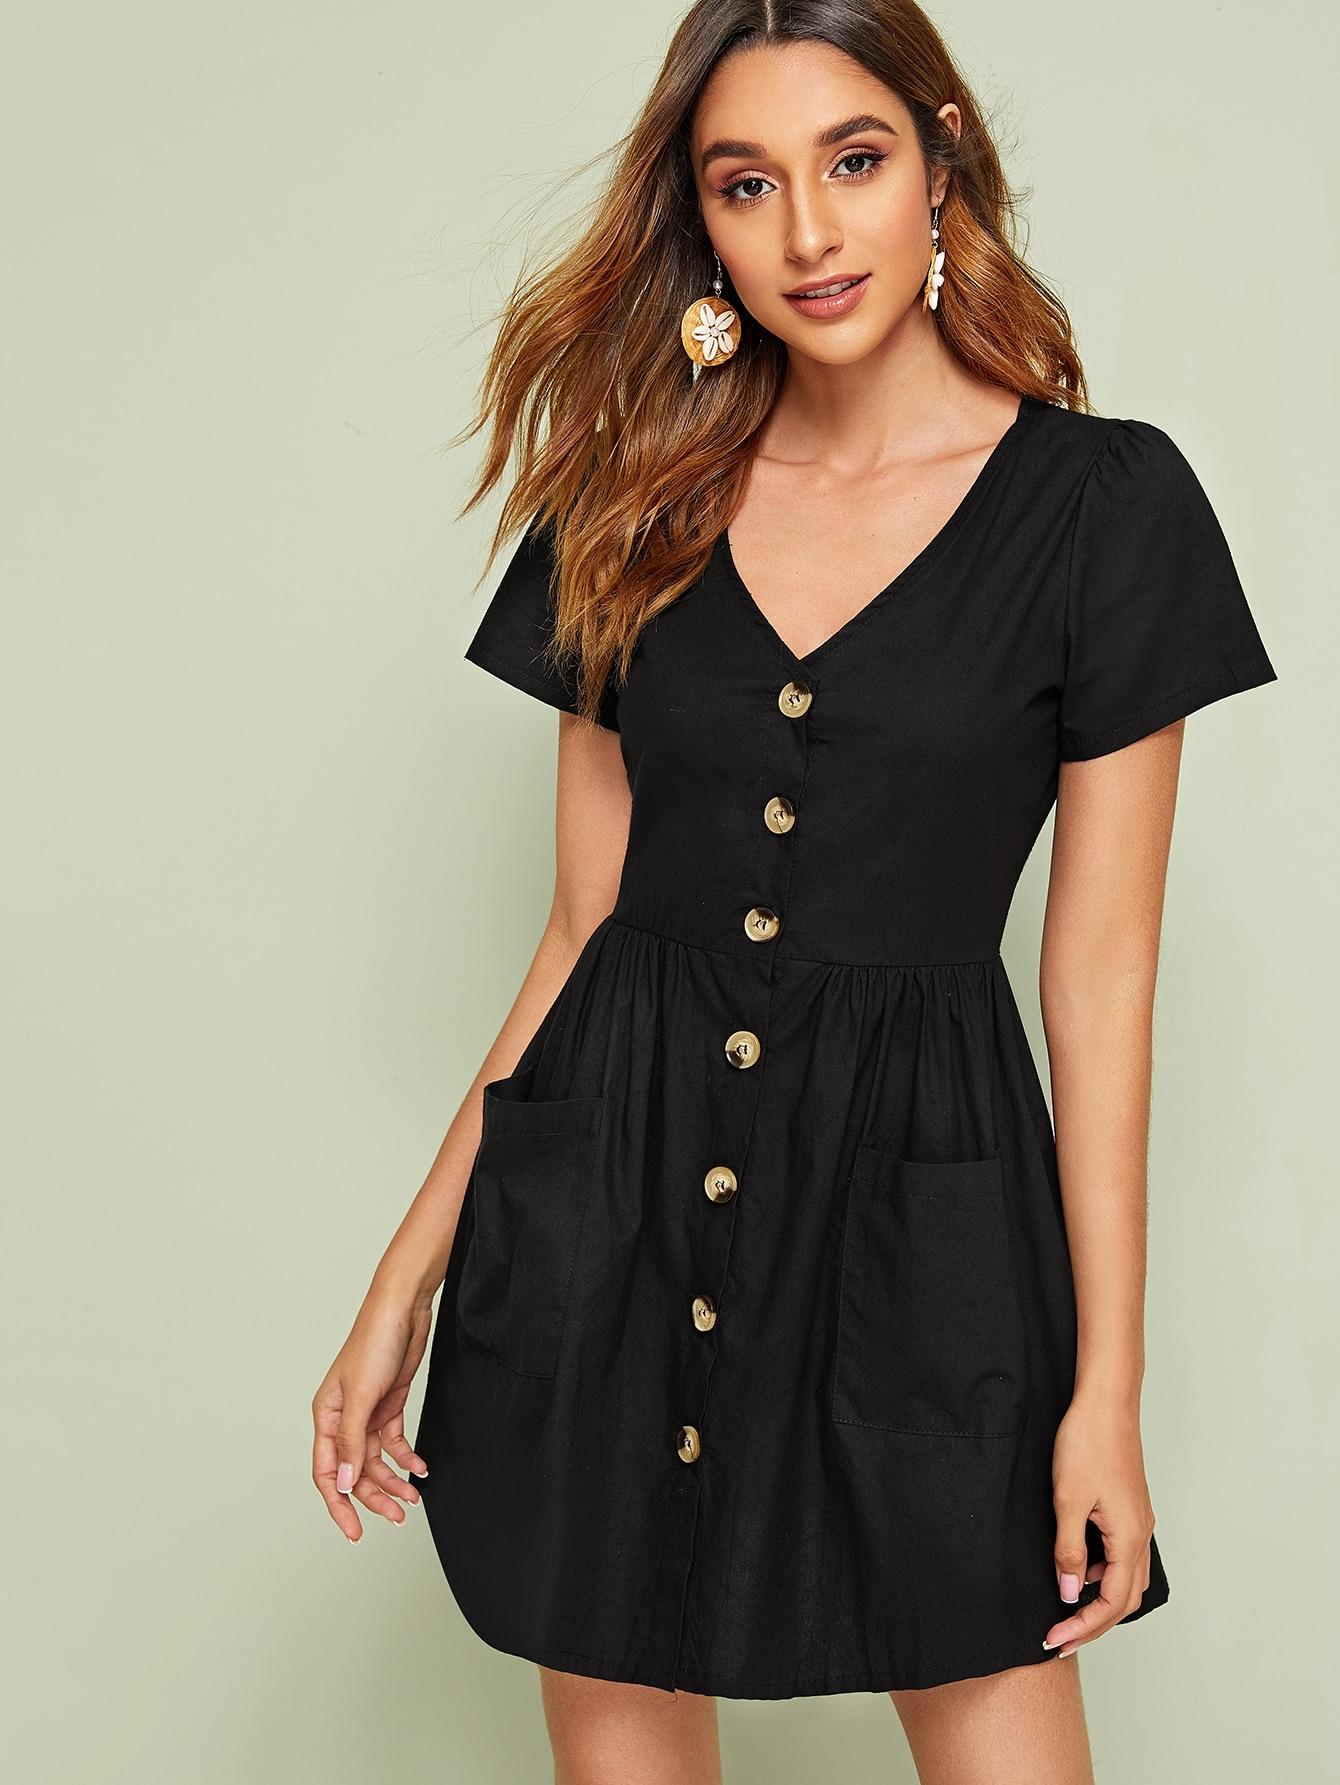 Фото - Платье с пуговицами, карманом и V-образным вырезом от SheIn цвет чёрные